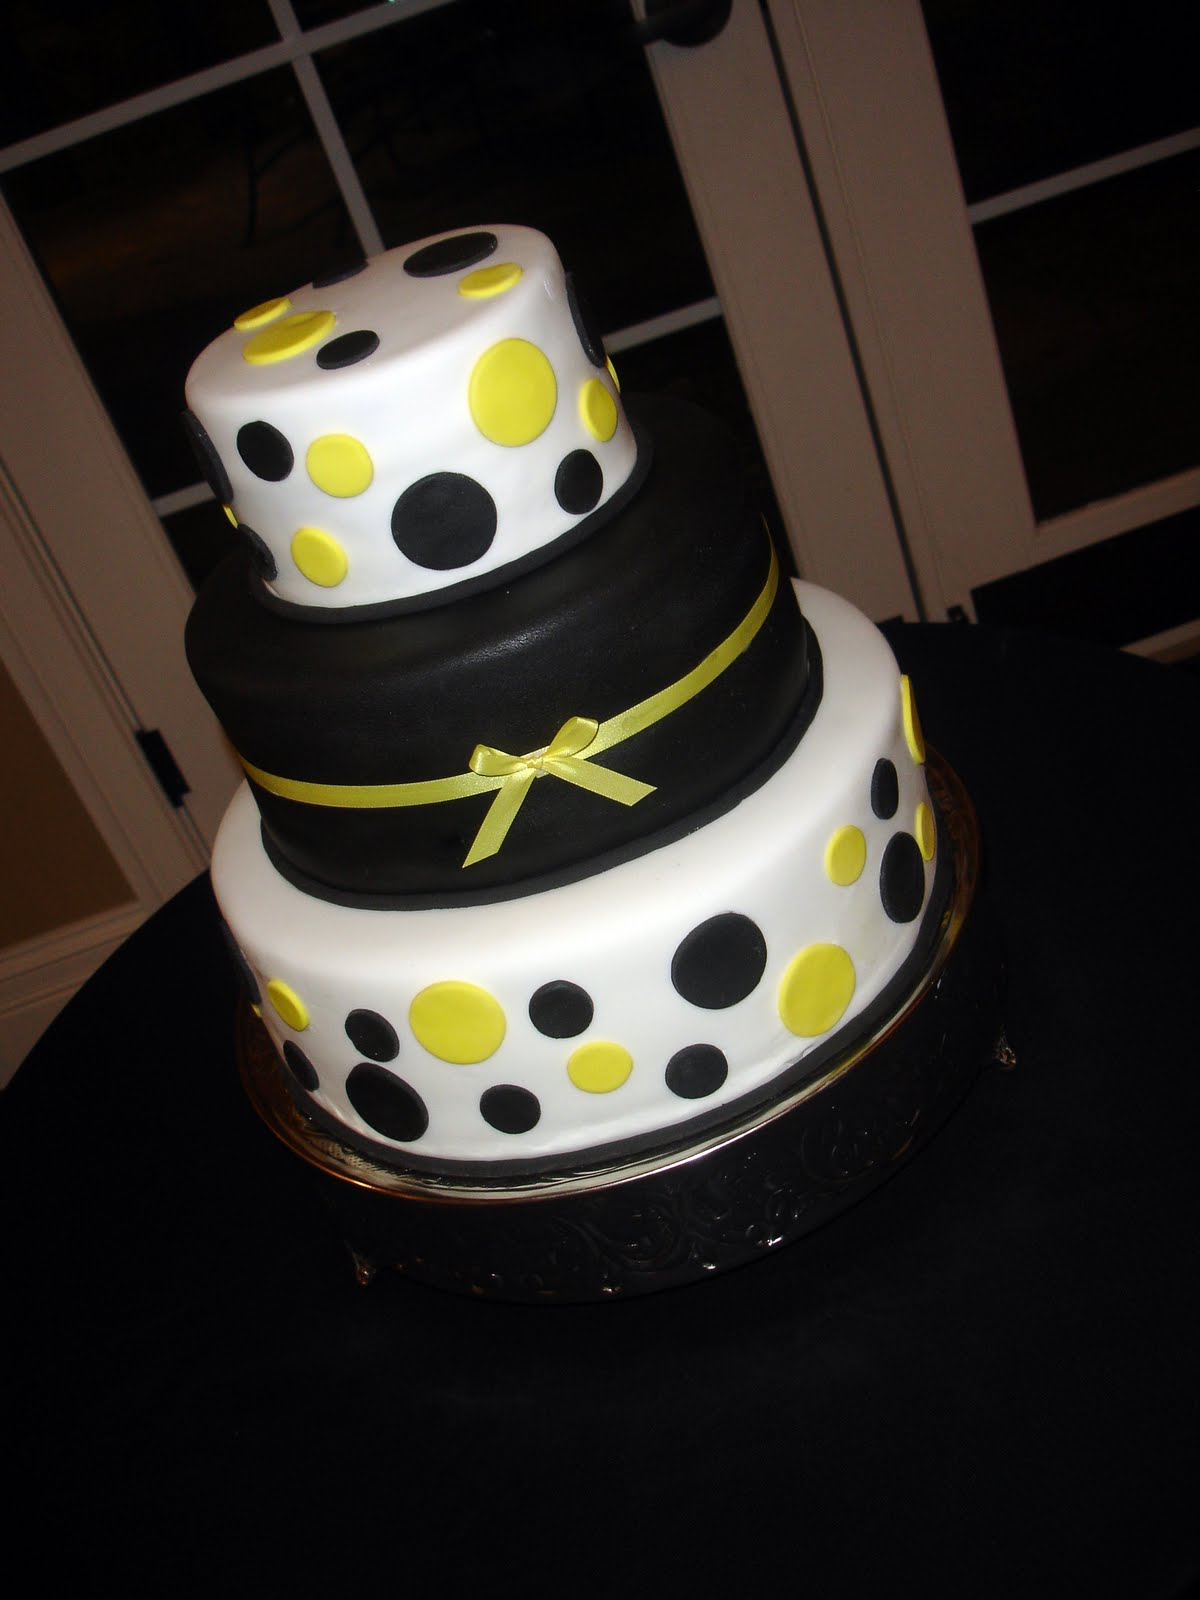 Cake Flair Black And Yellow Polka Dot